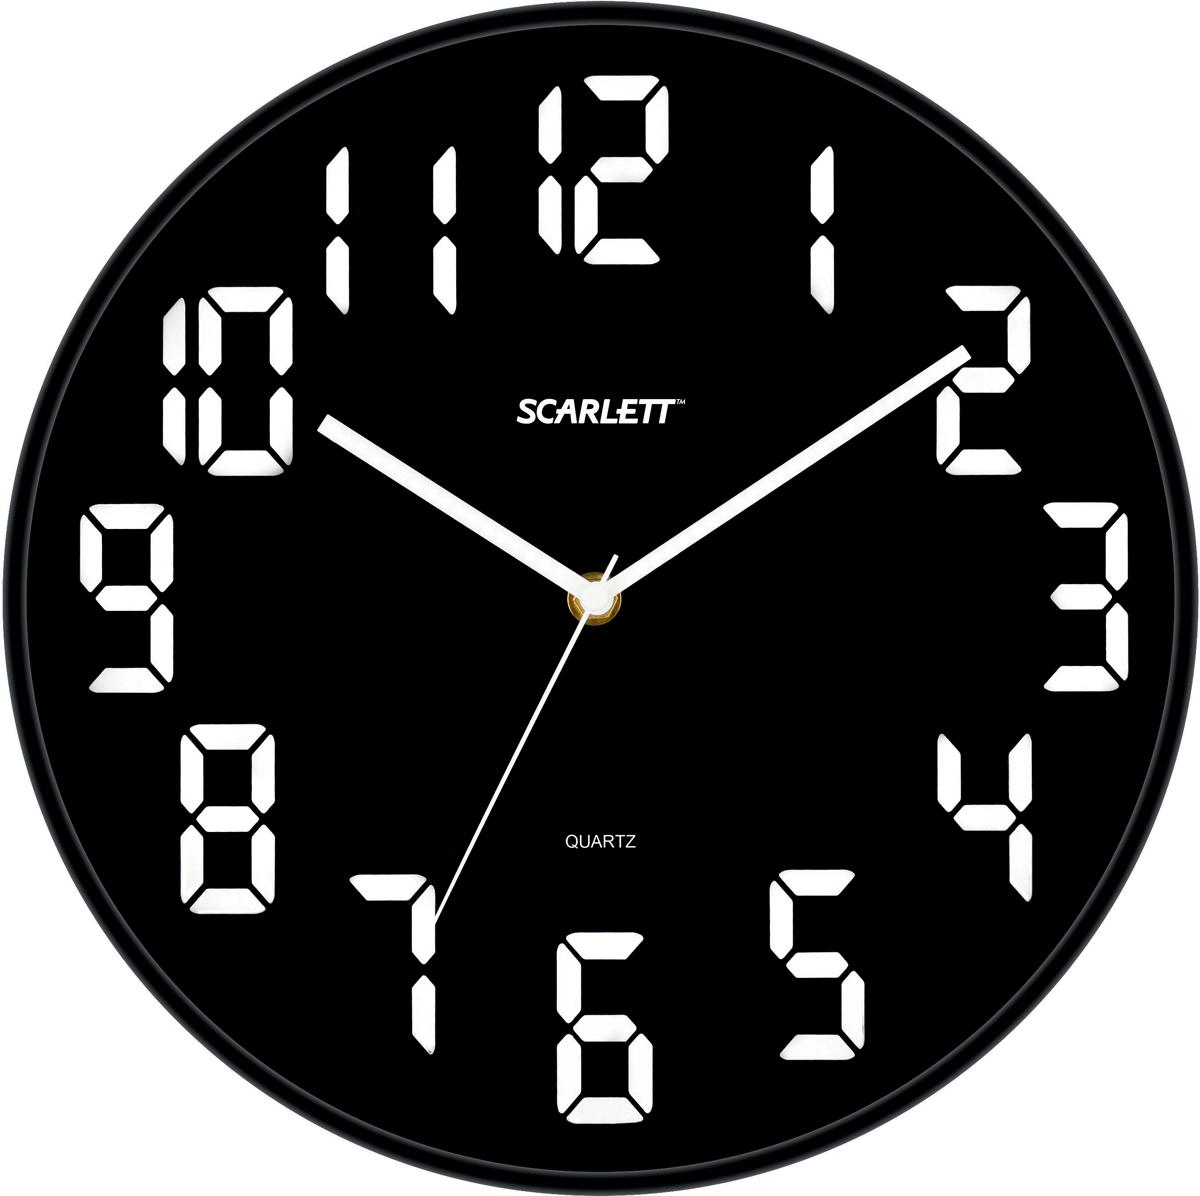 Scarlett SC-55BL часы настенныеSC-55BLМатериал корпуса - пластик Цвет корпуса - черный Цвет циферблата - черный Элемент питания: тип АА 1.5V Период работы от одного элемента: 12 месяцев Относительная влажность помещения от 30% до 80% Температура: от 1°С до 45°С Плавный ход секундной стрелки